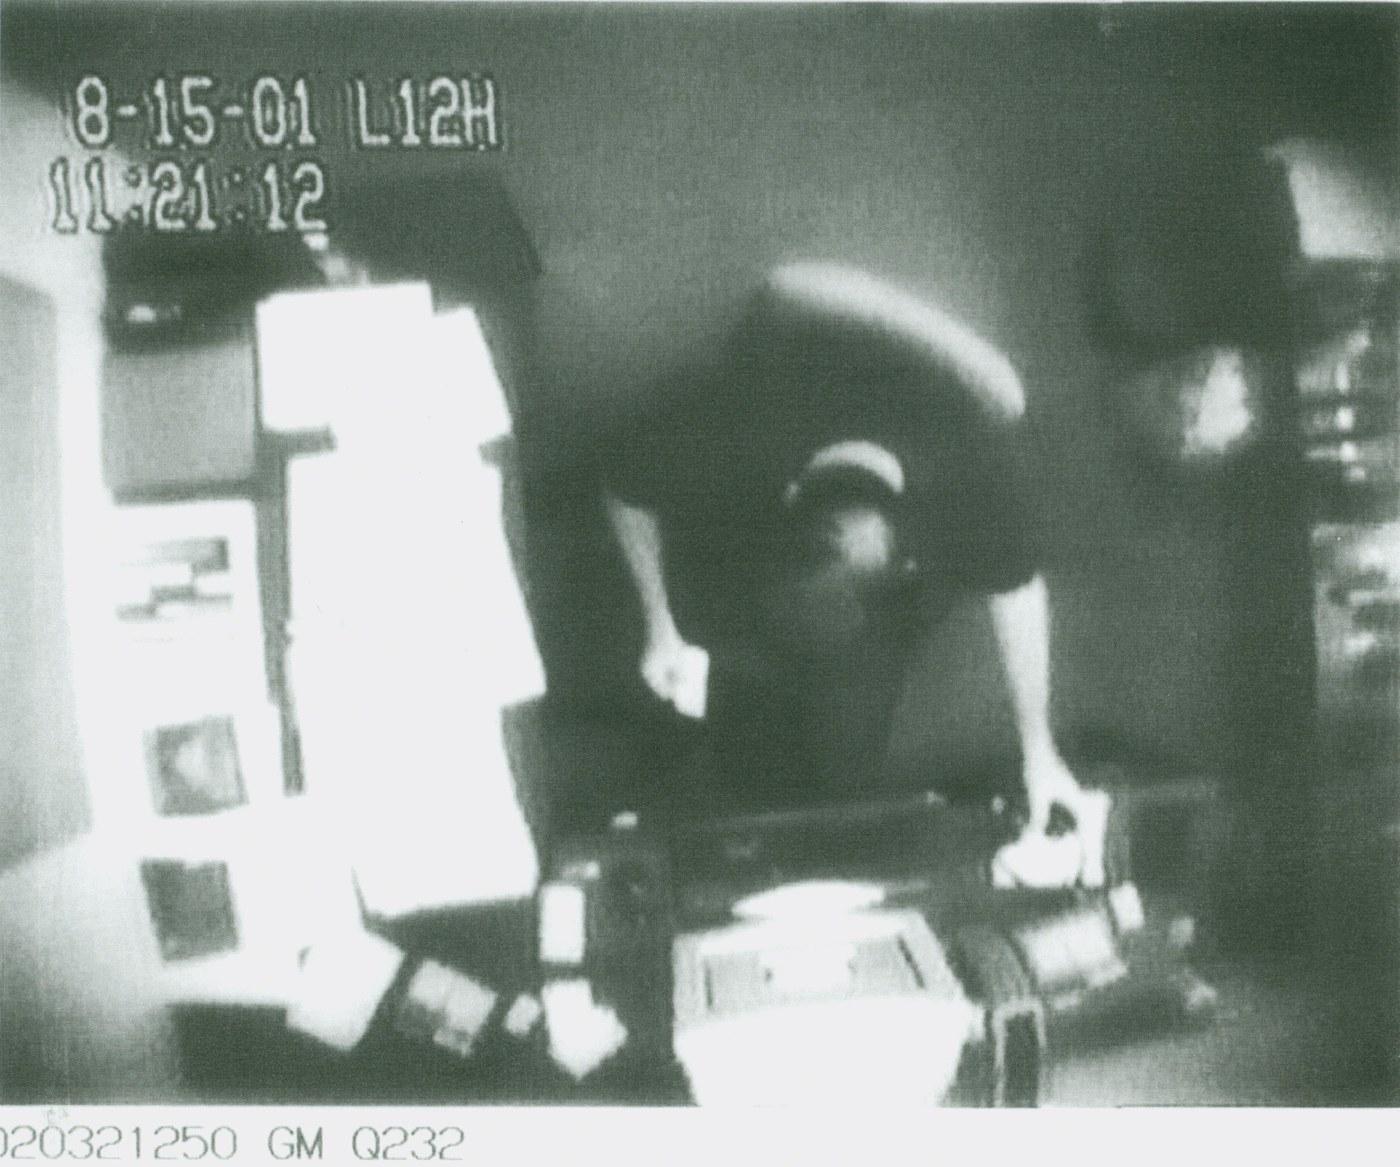 Brian-Regan-Surveillance